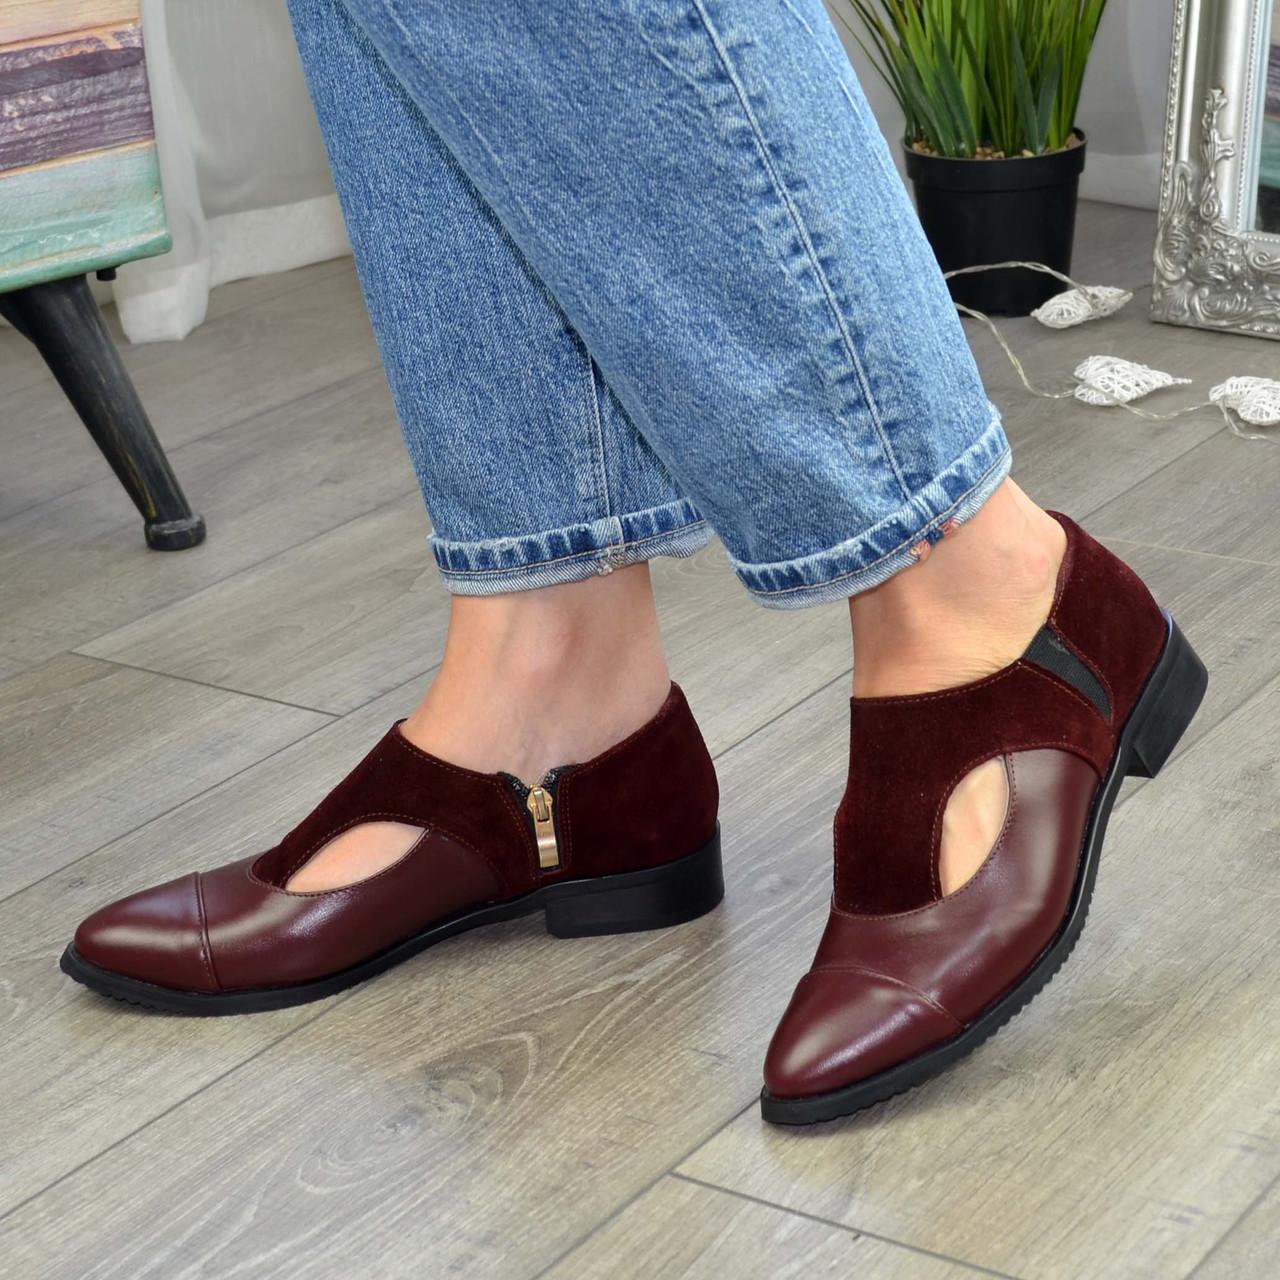 Женские бордовые туфли с острым носком на низком ходу, натуральная кожа и замша.